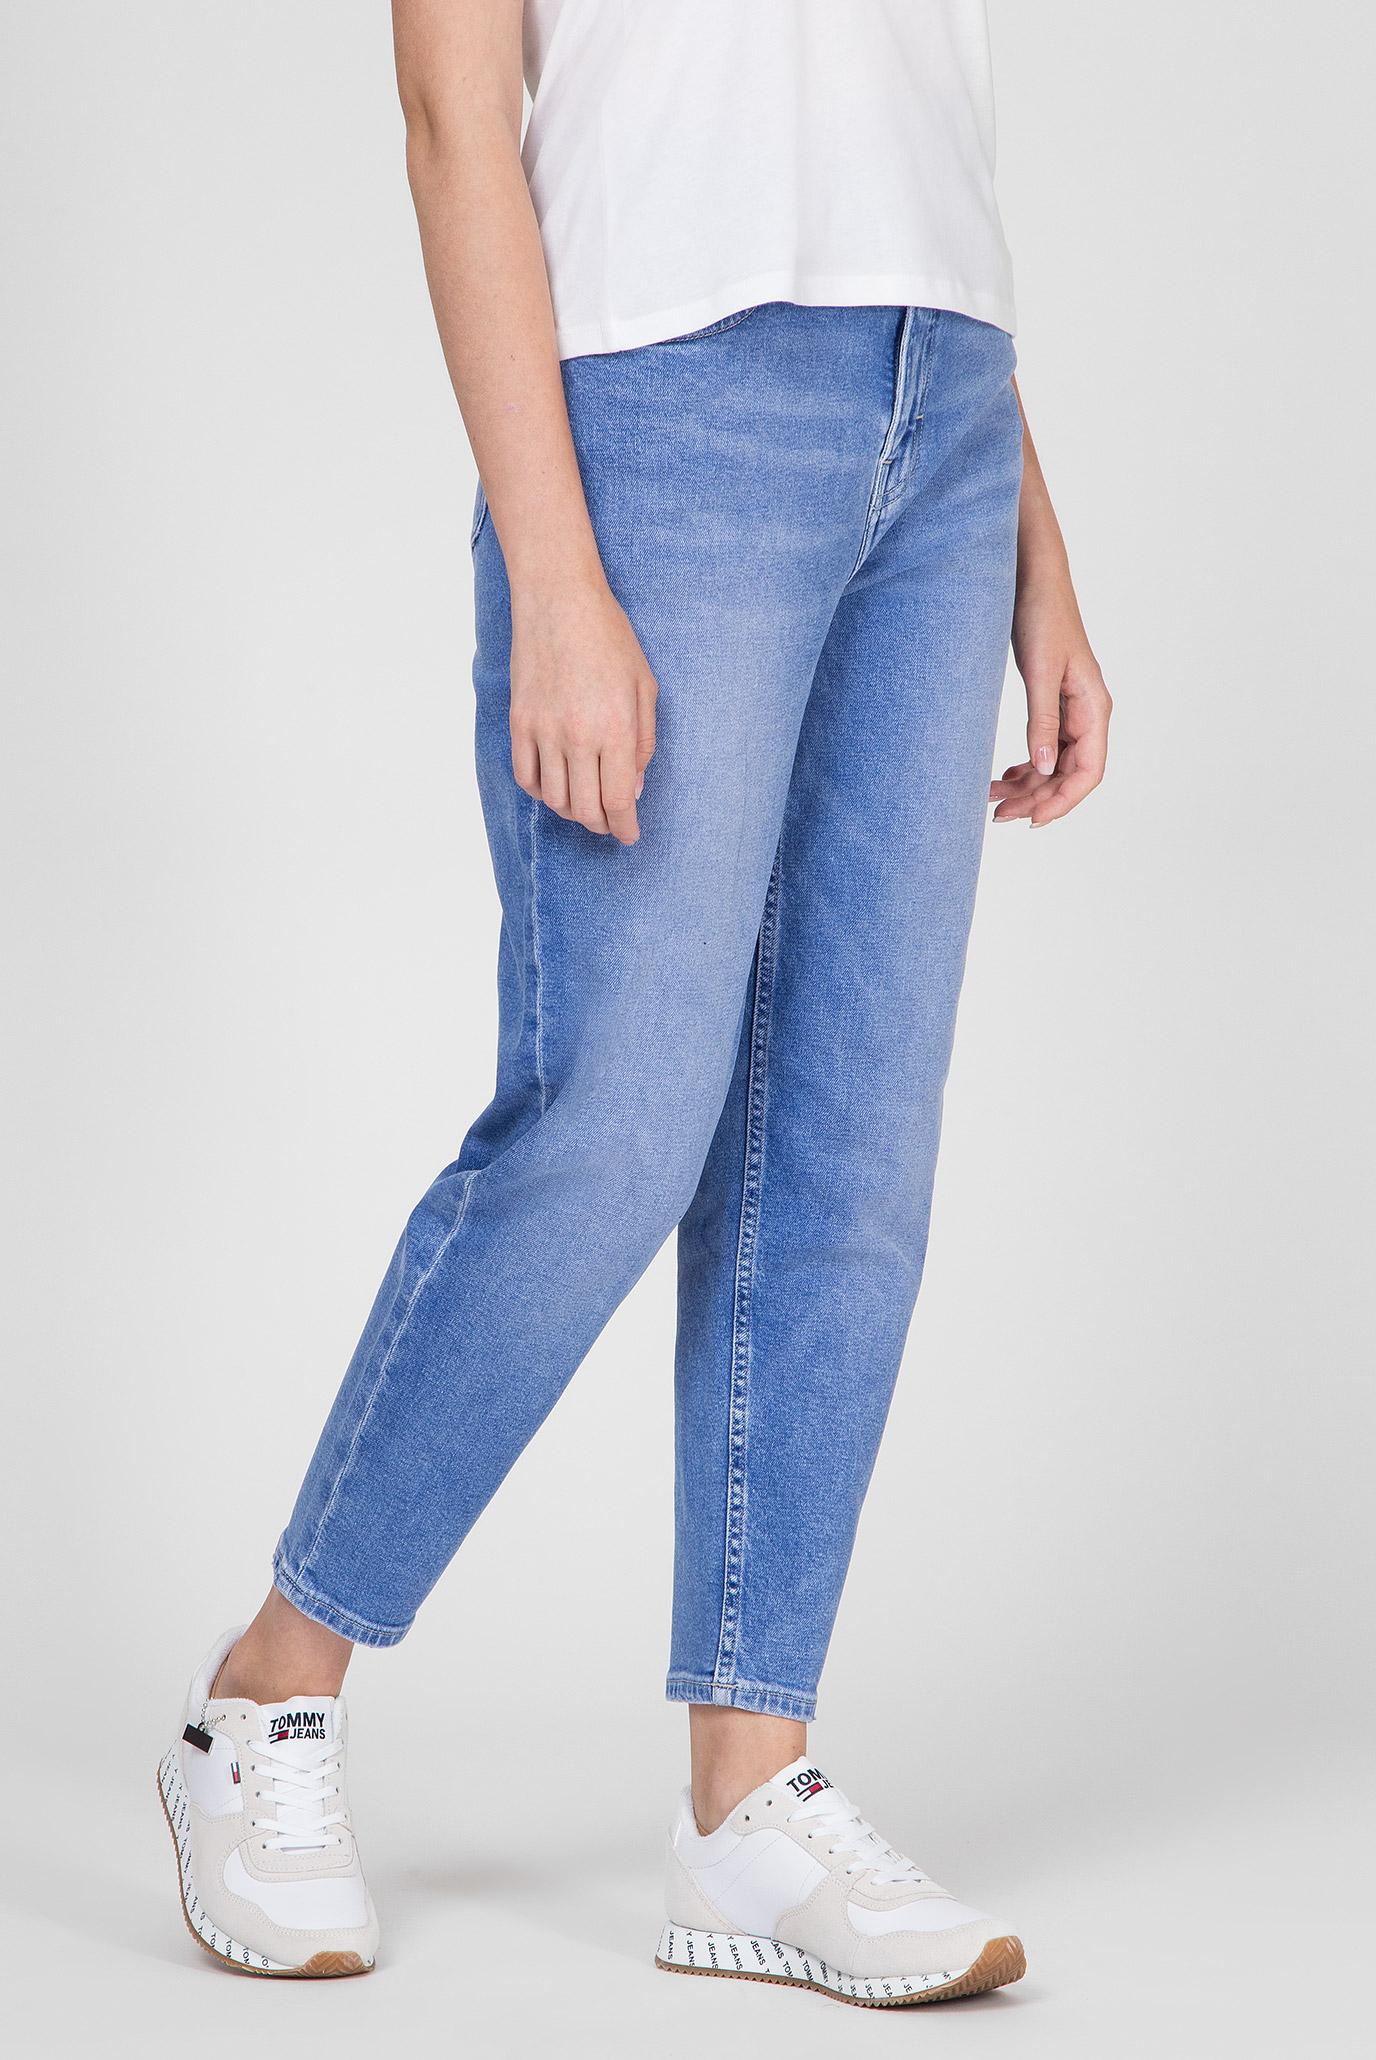 Купить Женские голубые джинсы HIGH RISE TAPERED TJ 2004 AZRLT Tommy Hilfiger Tommy Hilfiger DW0DW06284 – Киев, Украина. Цены в интернет магазине MD Fashion